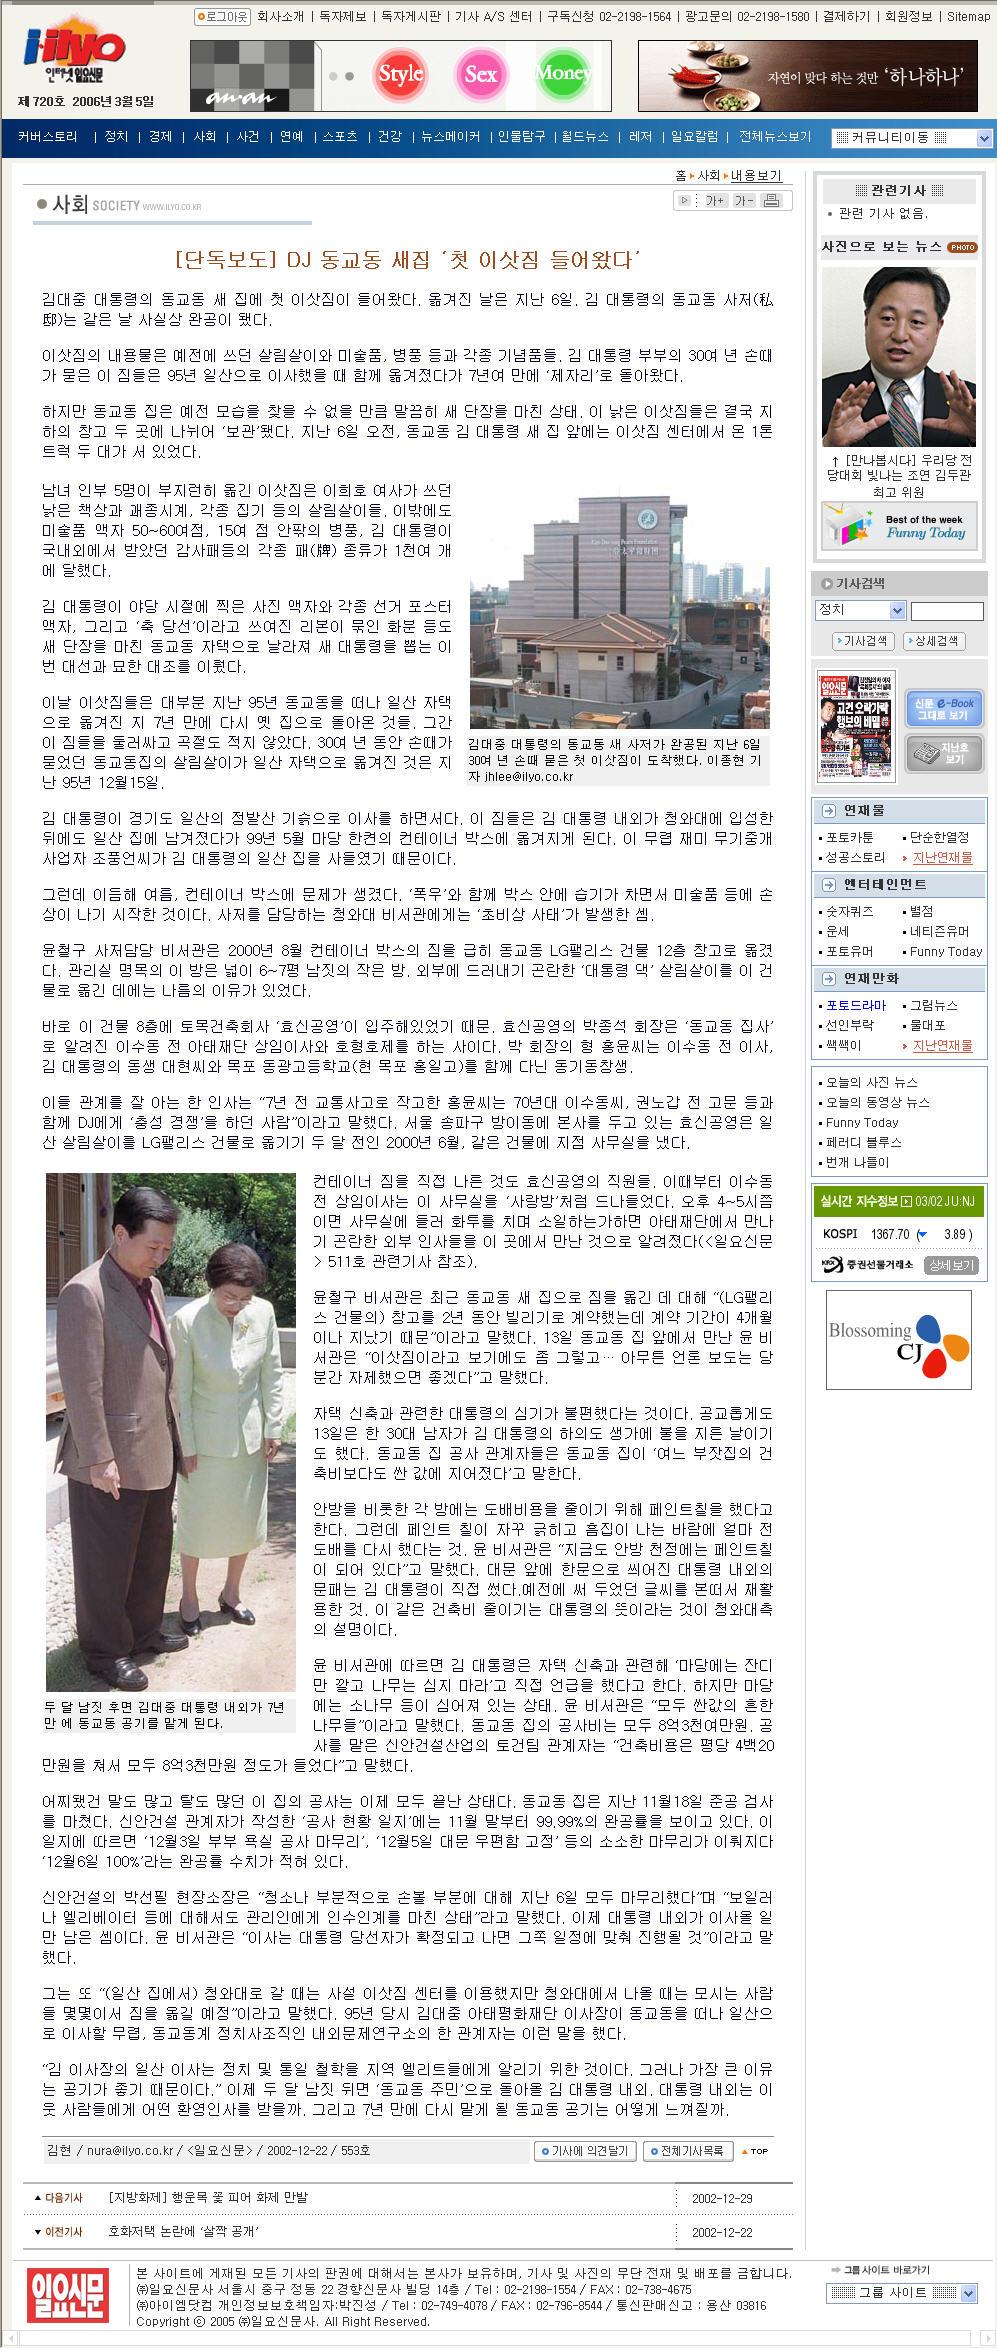 이슈 - DJ 동교동 새 집 이사하던 날(2002. 12)